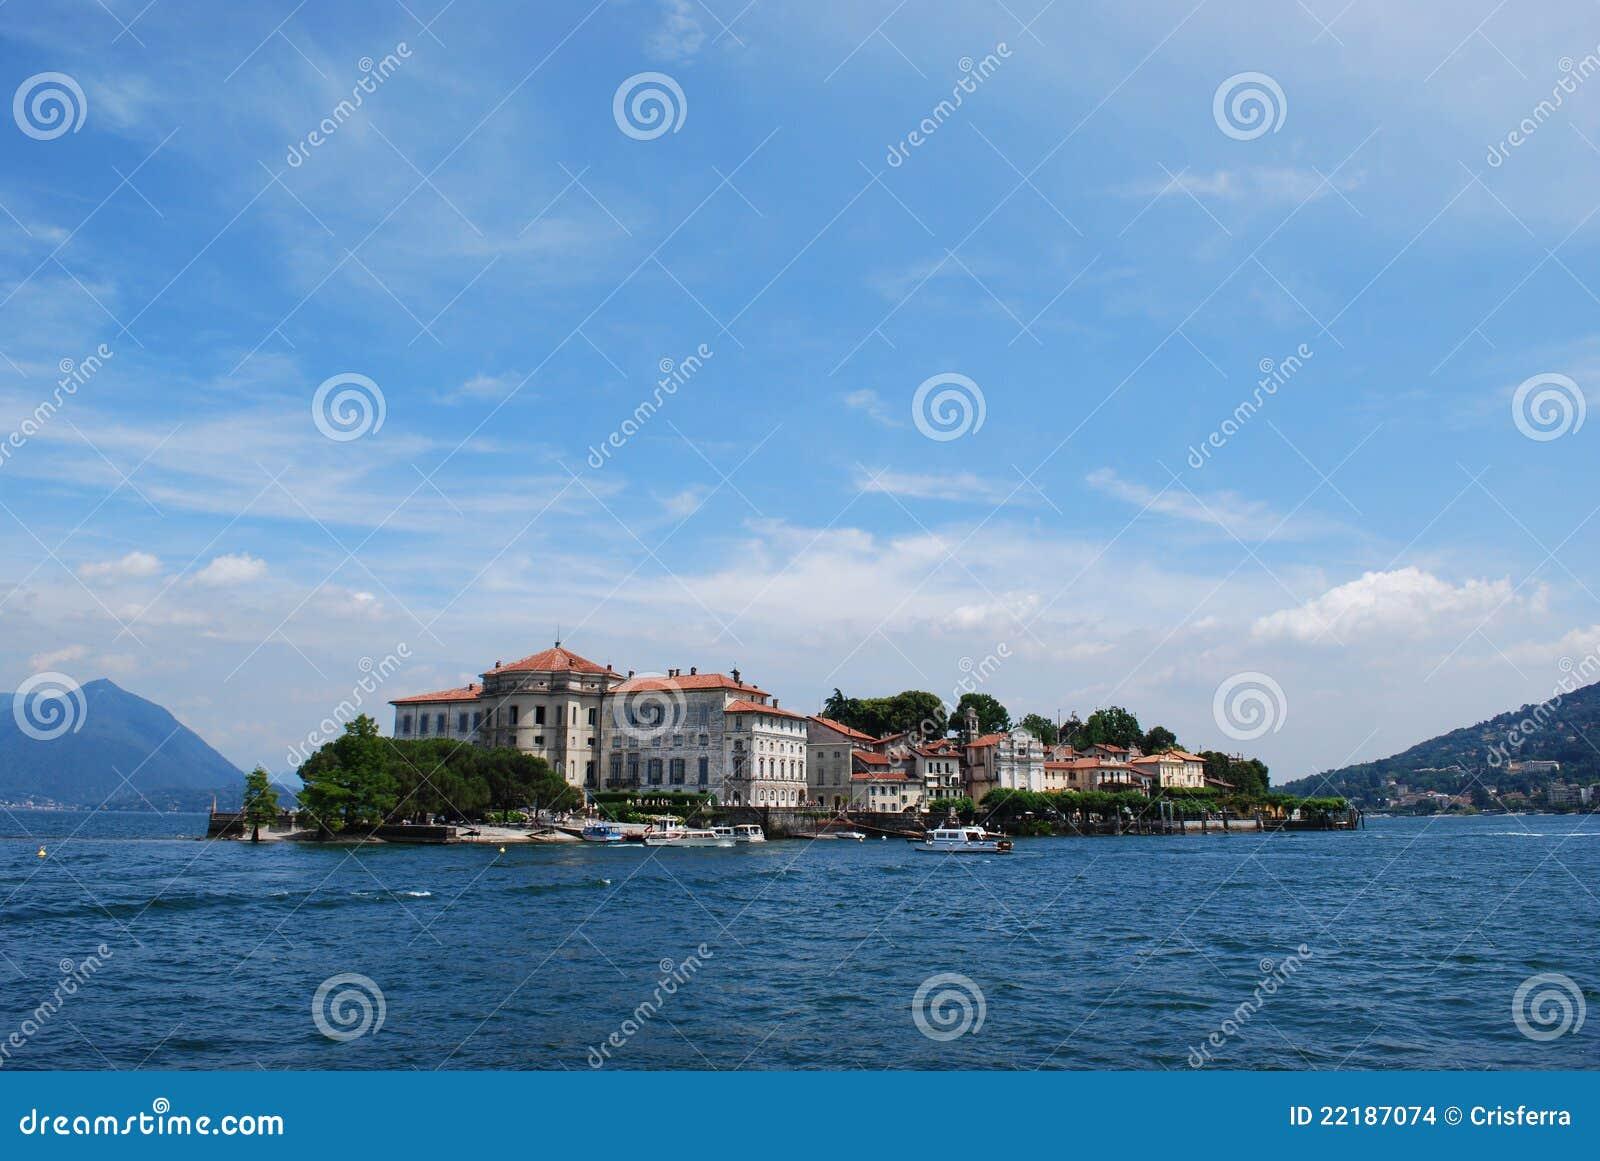 λίμνη isola bella maggiore